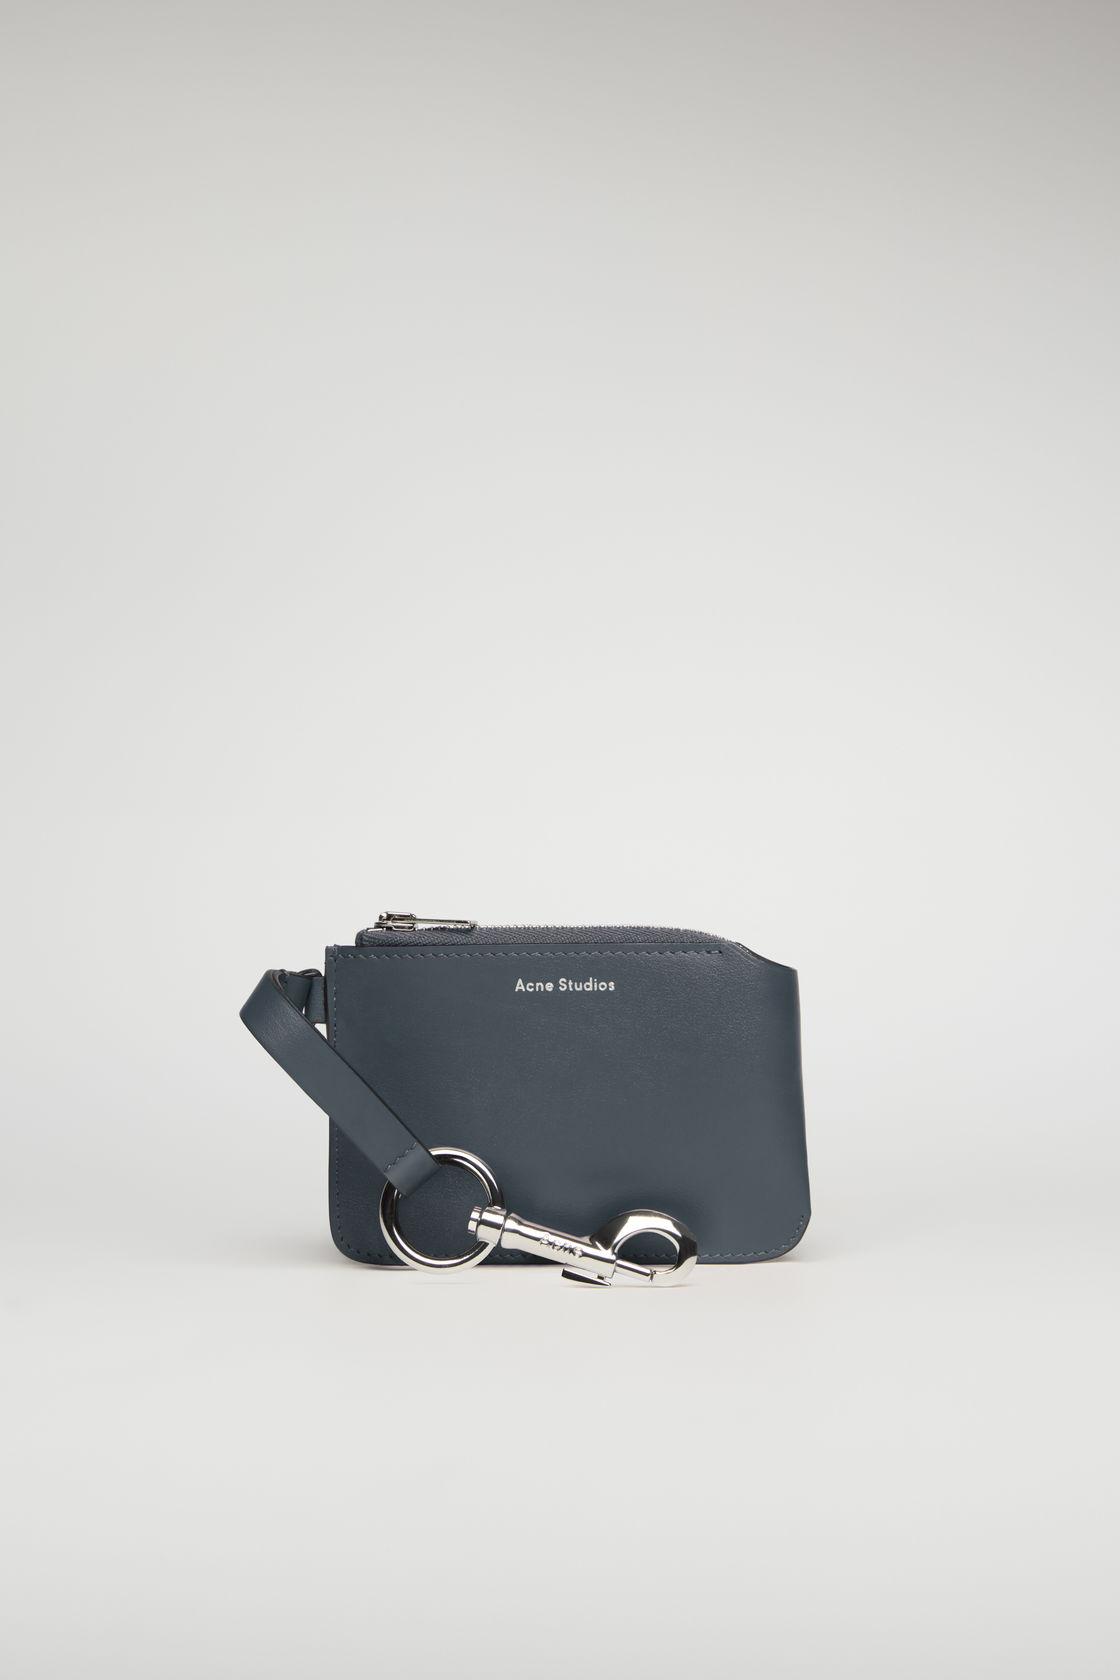 Acne Studios, Keychain purse dark blue, от 488лв на 293лв